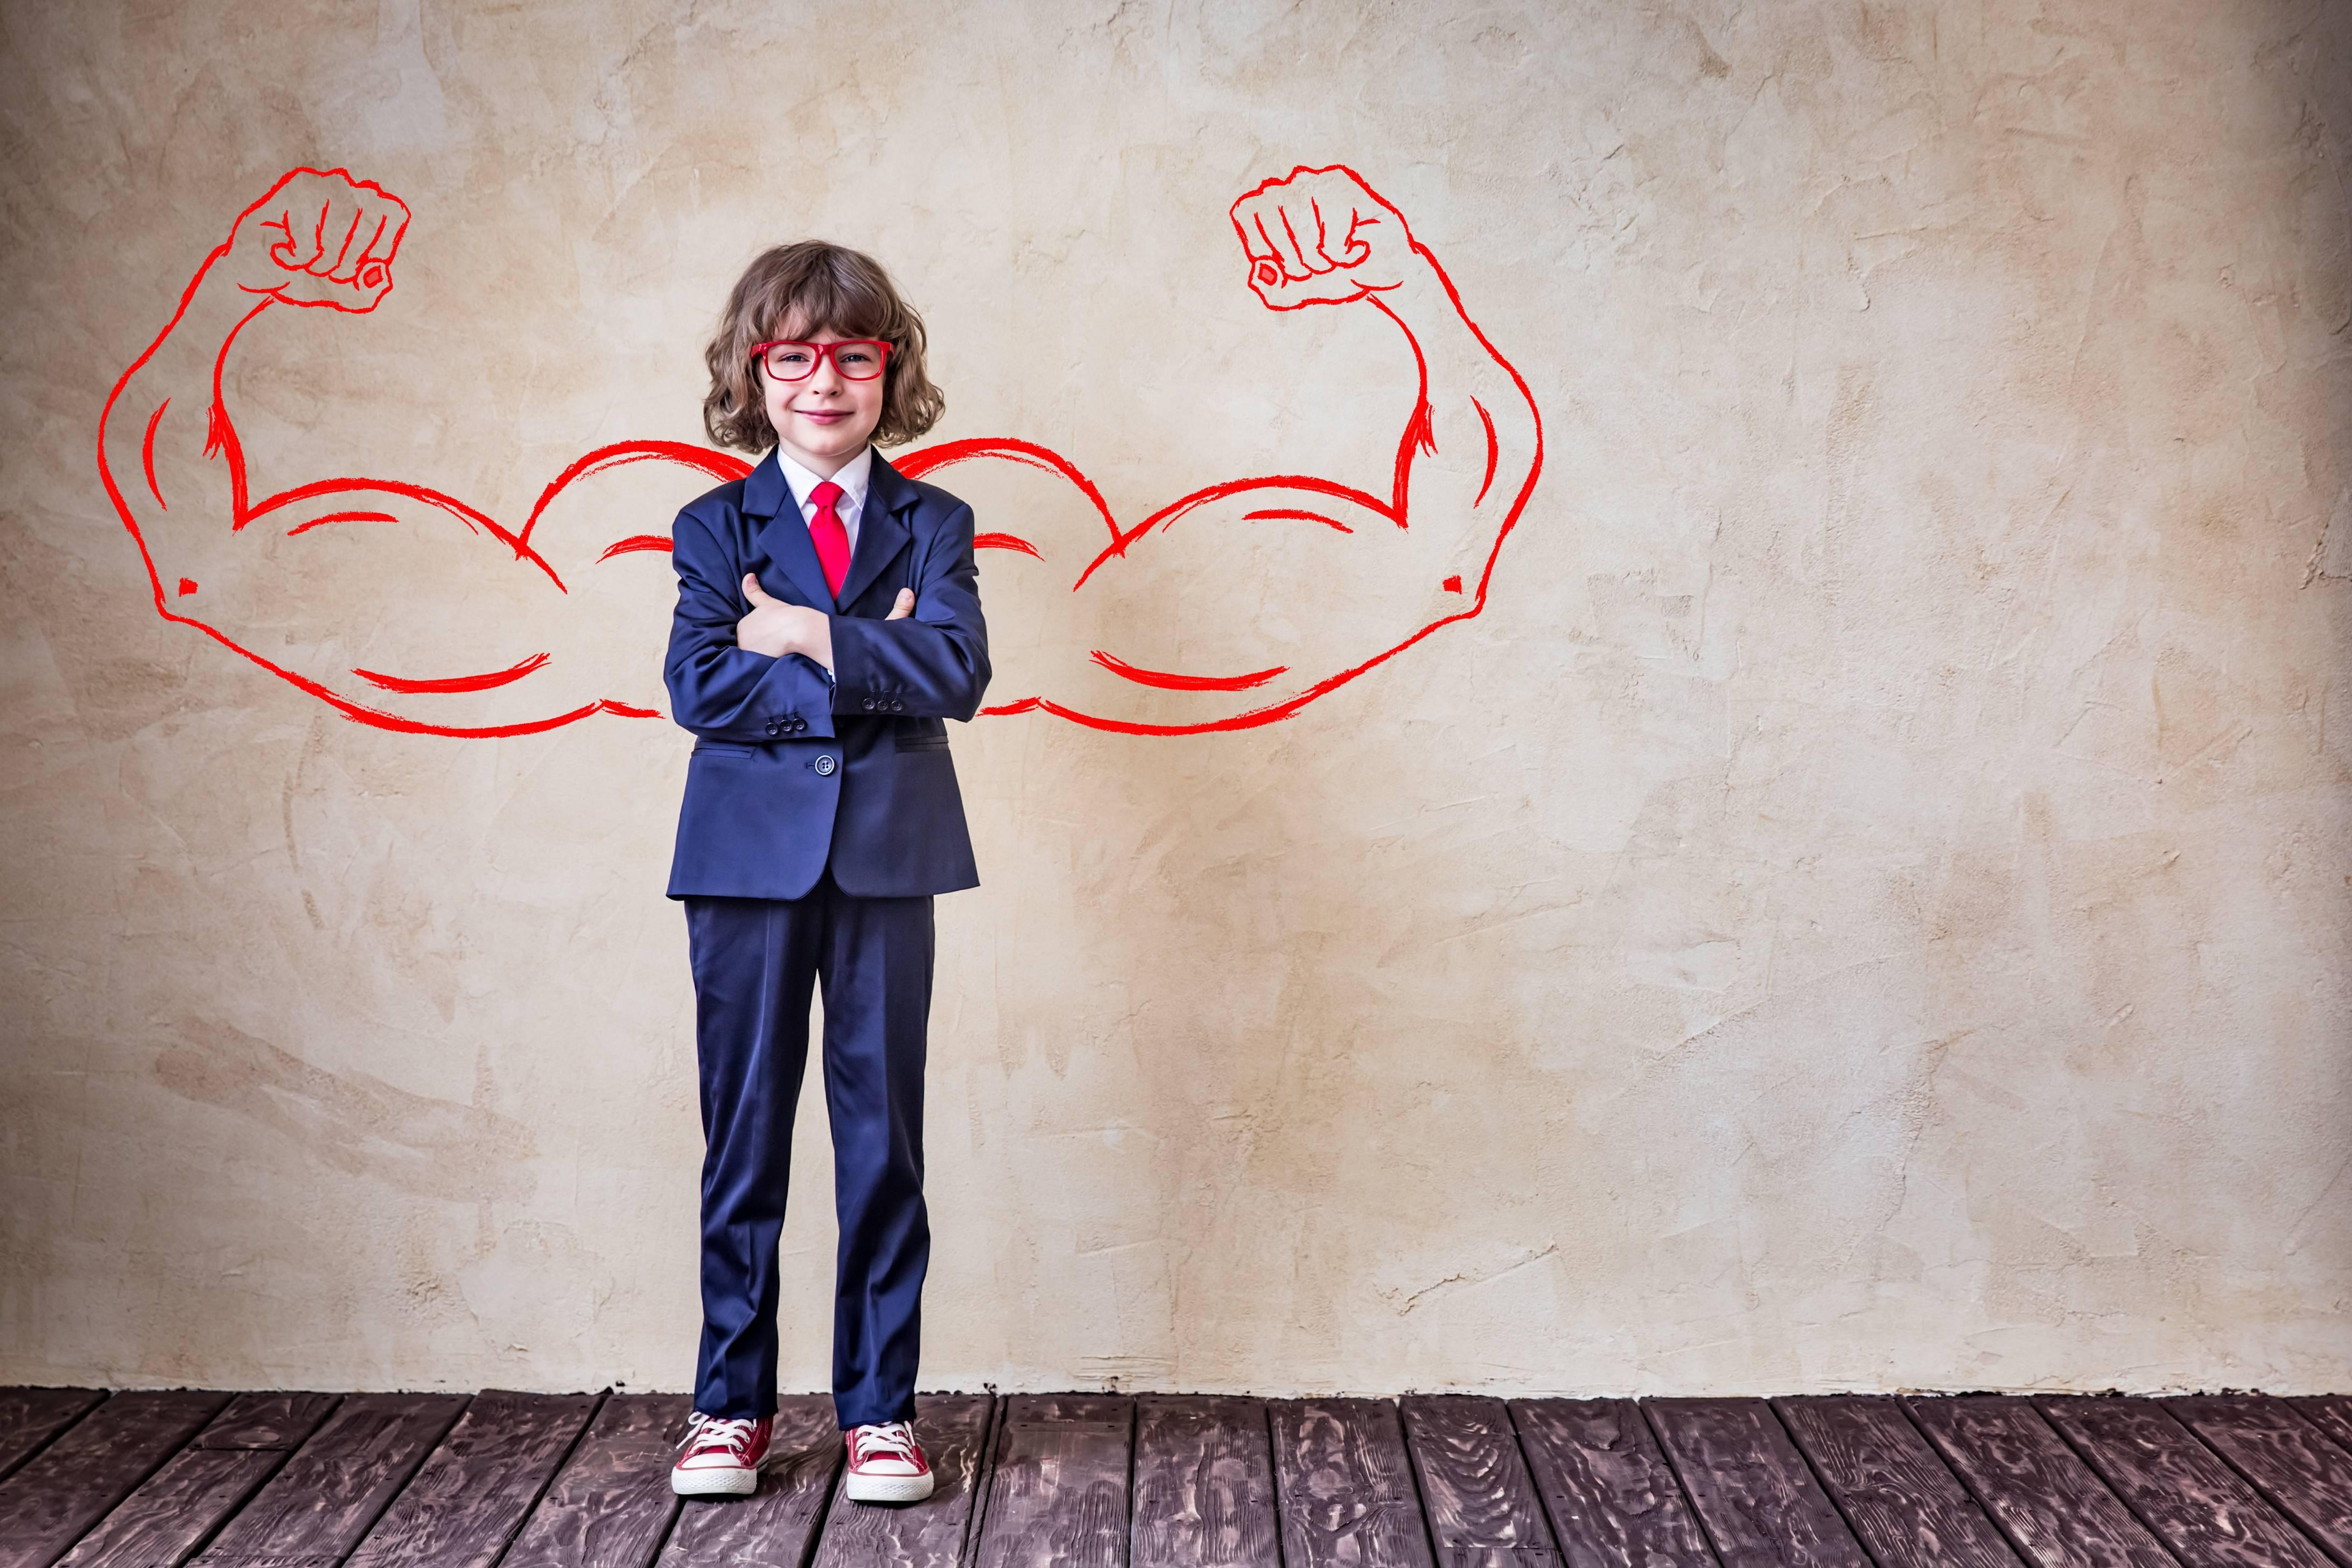 Как развить лидерские качества: топ-15 секретов + лучшие книги по теме